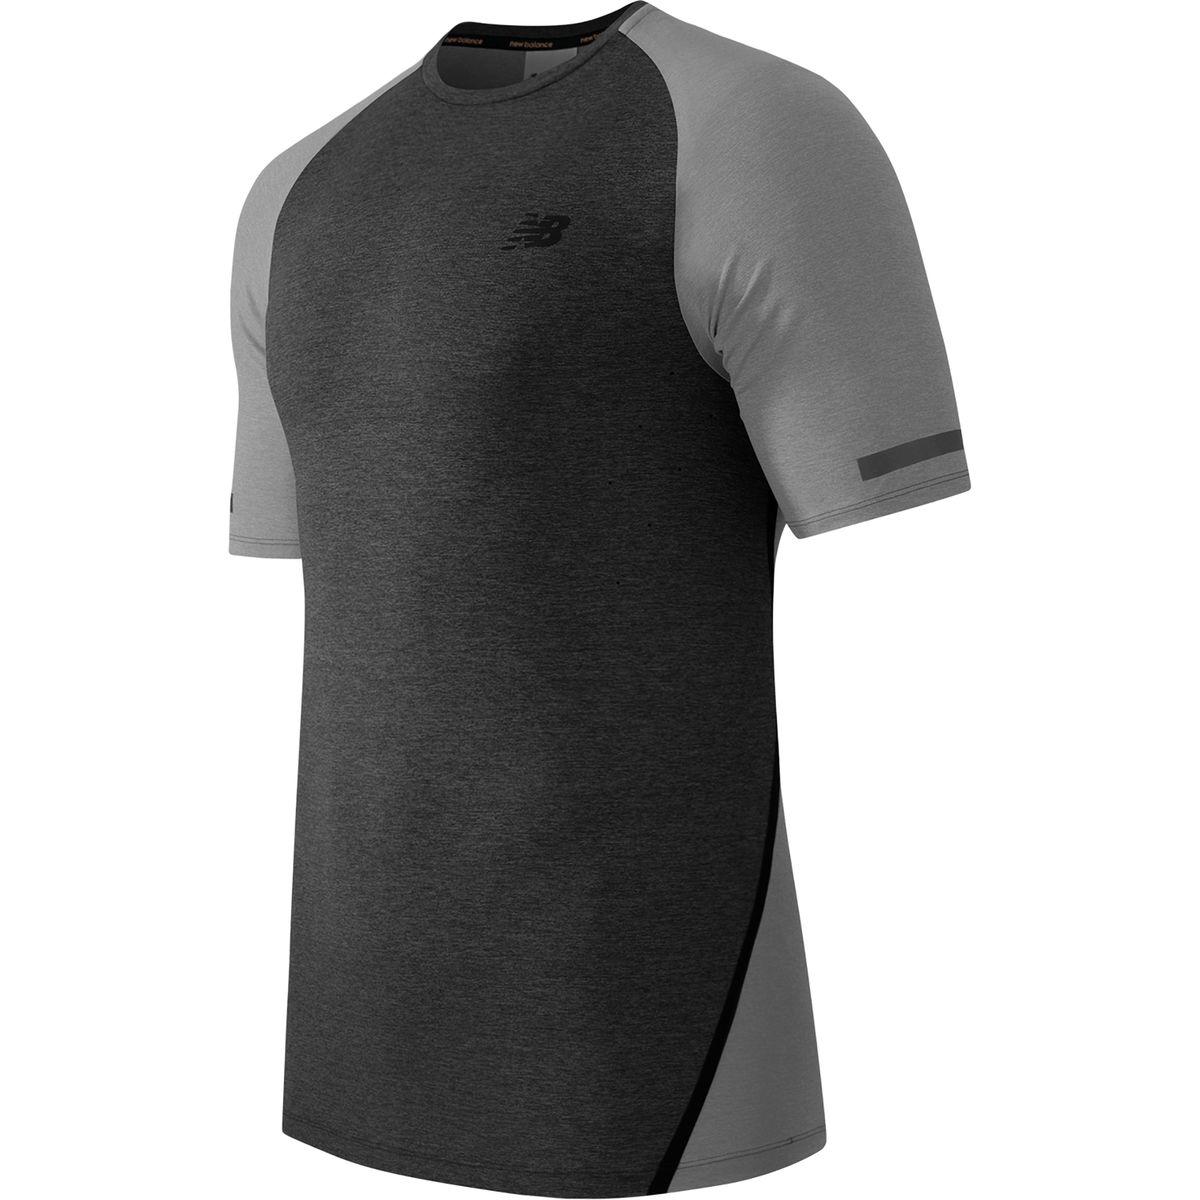 New Balance Trinamic Shirt - Short-Sleeve - Men